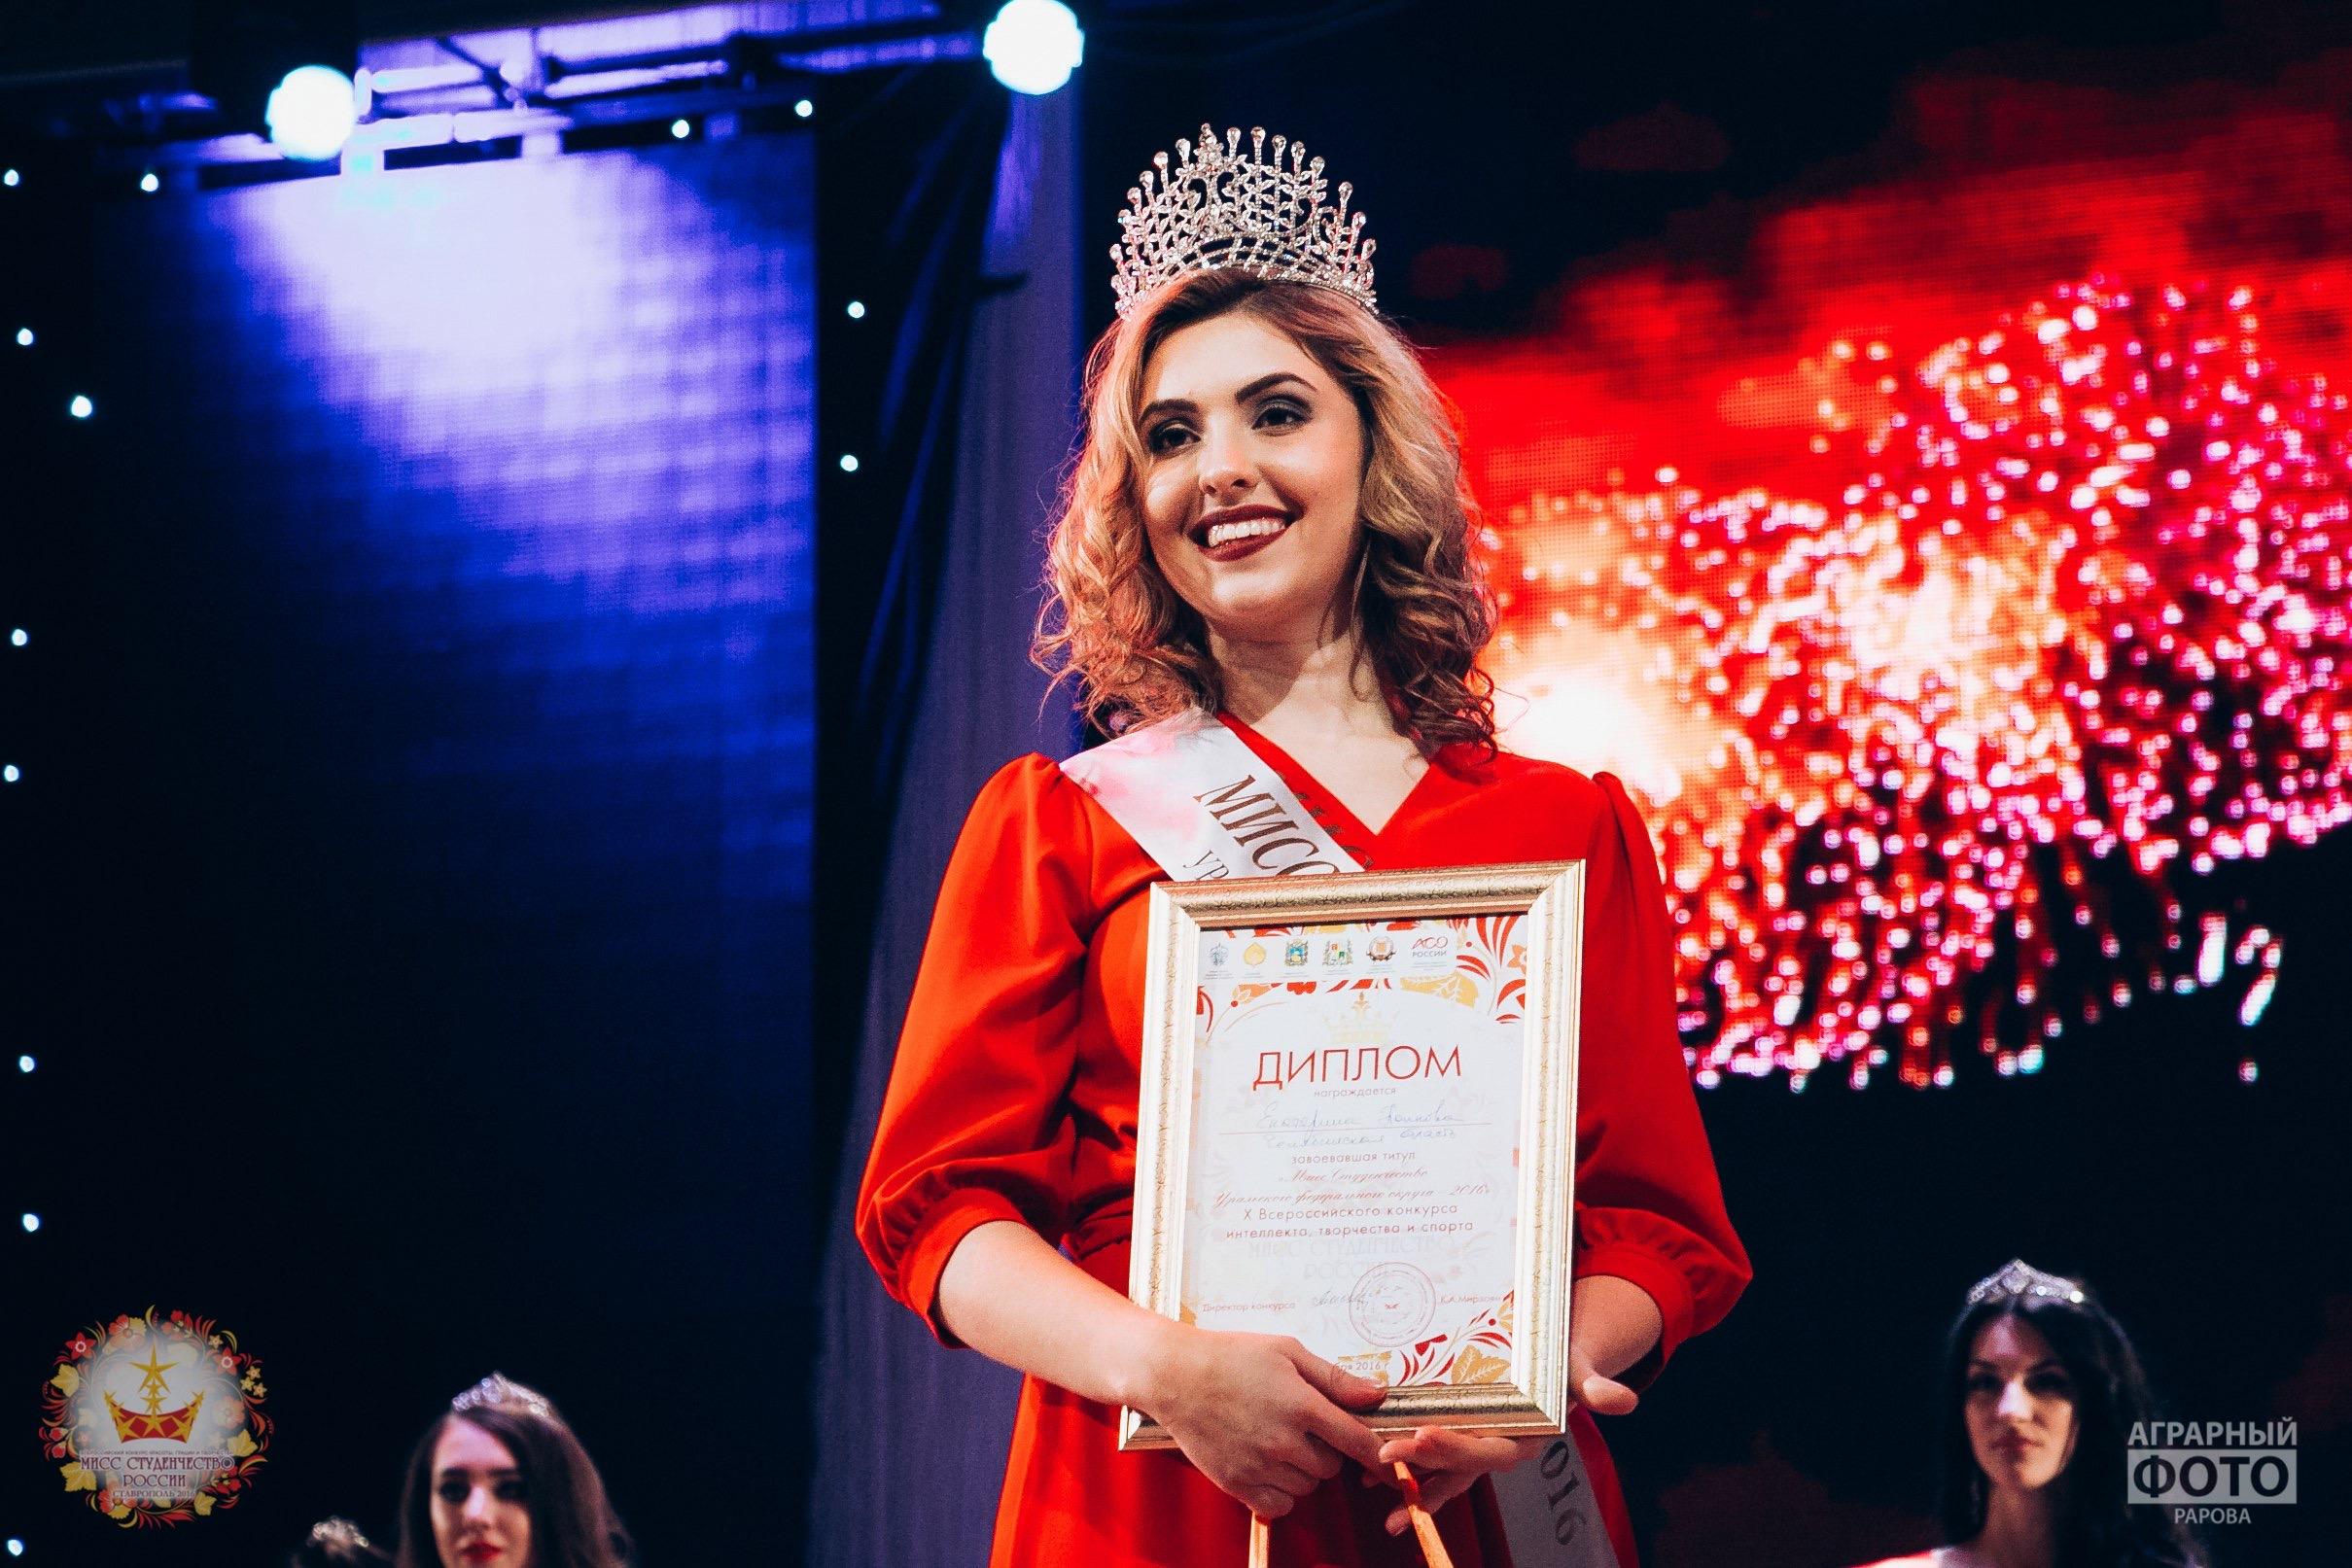 Мисс Уральский Федеральный — студентка Высшей школы экономики и управления